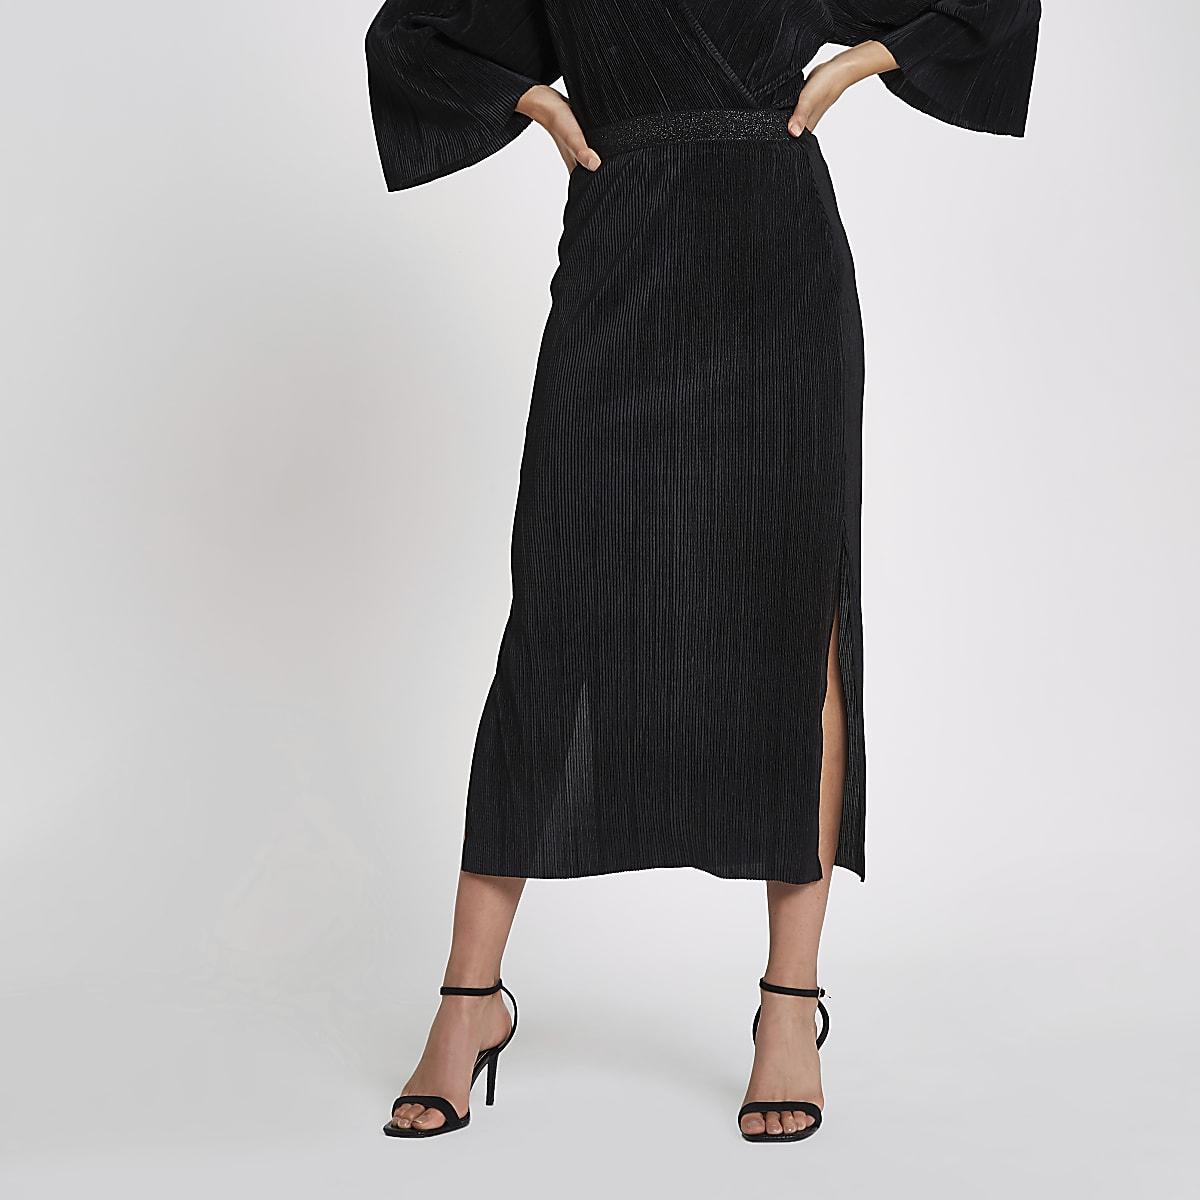 67eafd024f2 Dark Grey School Pencil Skirt - Gomes Weine AG